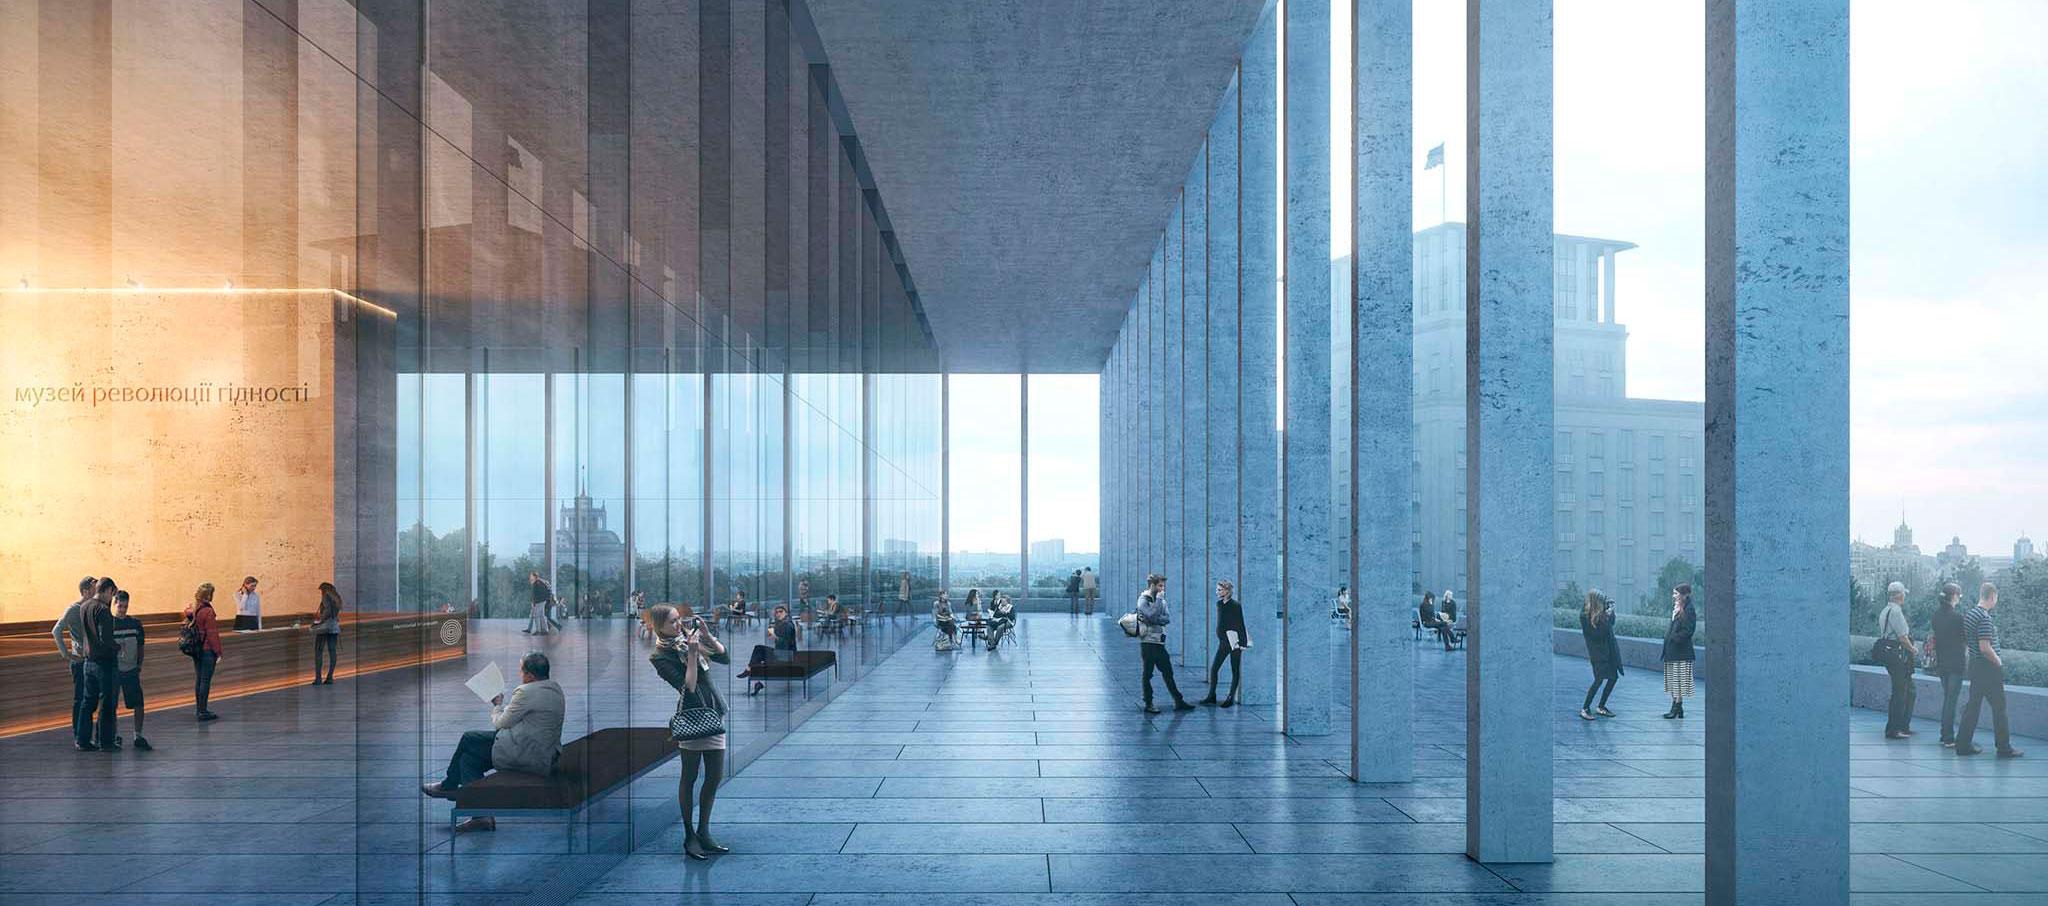 1er premio Museo. Kleihues + Kleihues Gesellschaft von Architekten mbH